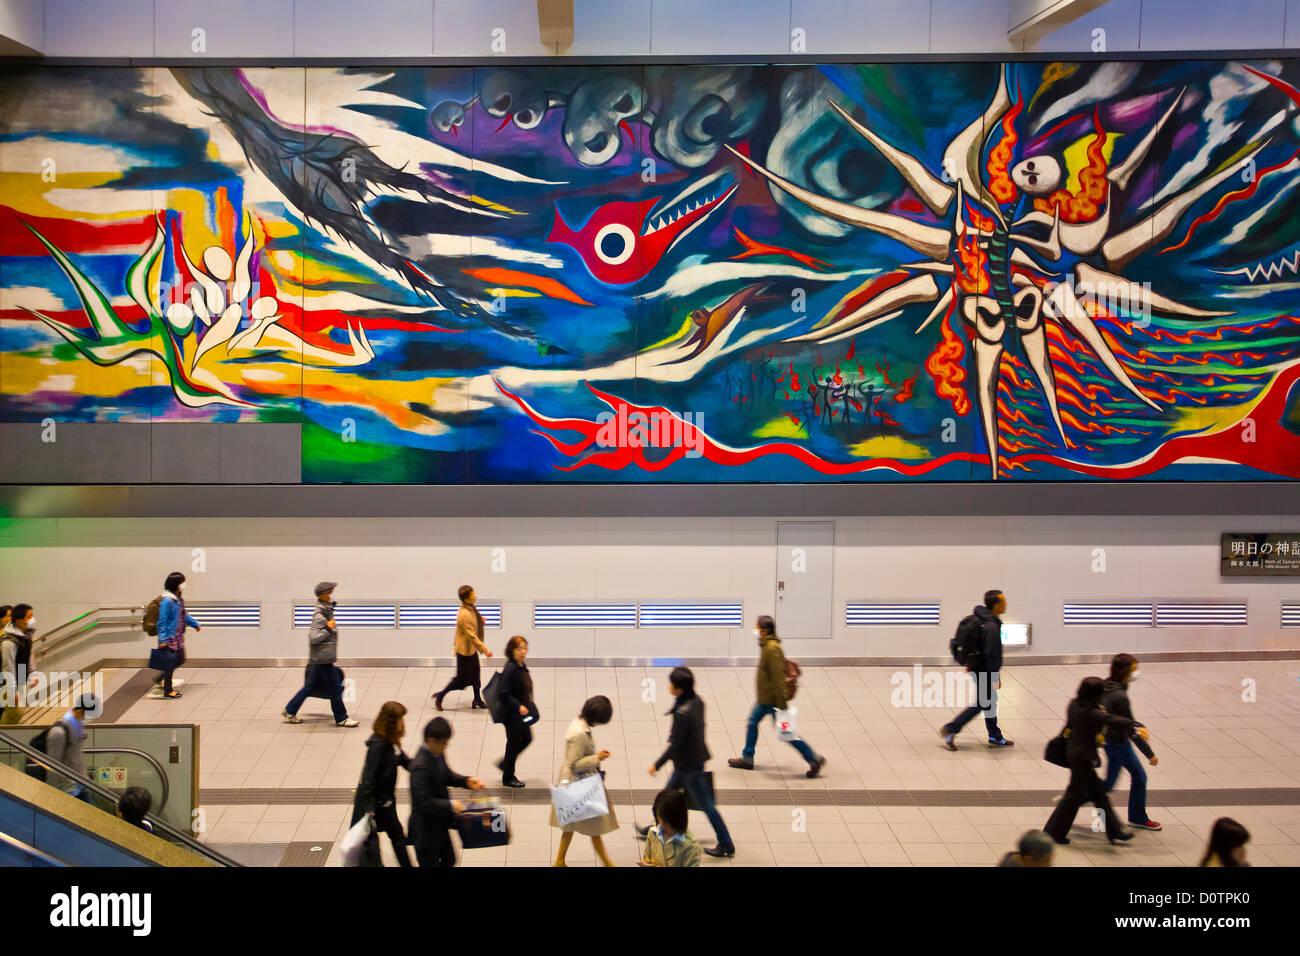 Japón, Asia, vacaciones, viajes, Tokio, la ciudad, la estación de Shibuya, arte, colorido, hall, moderno, Imagen De Stock